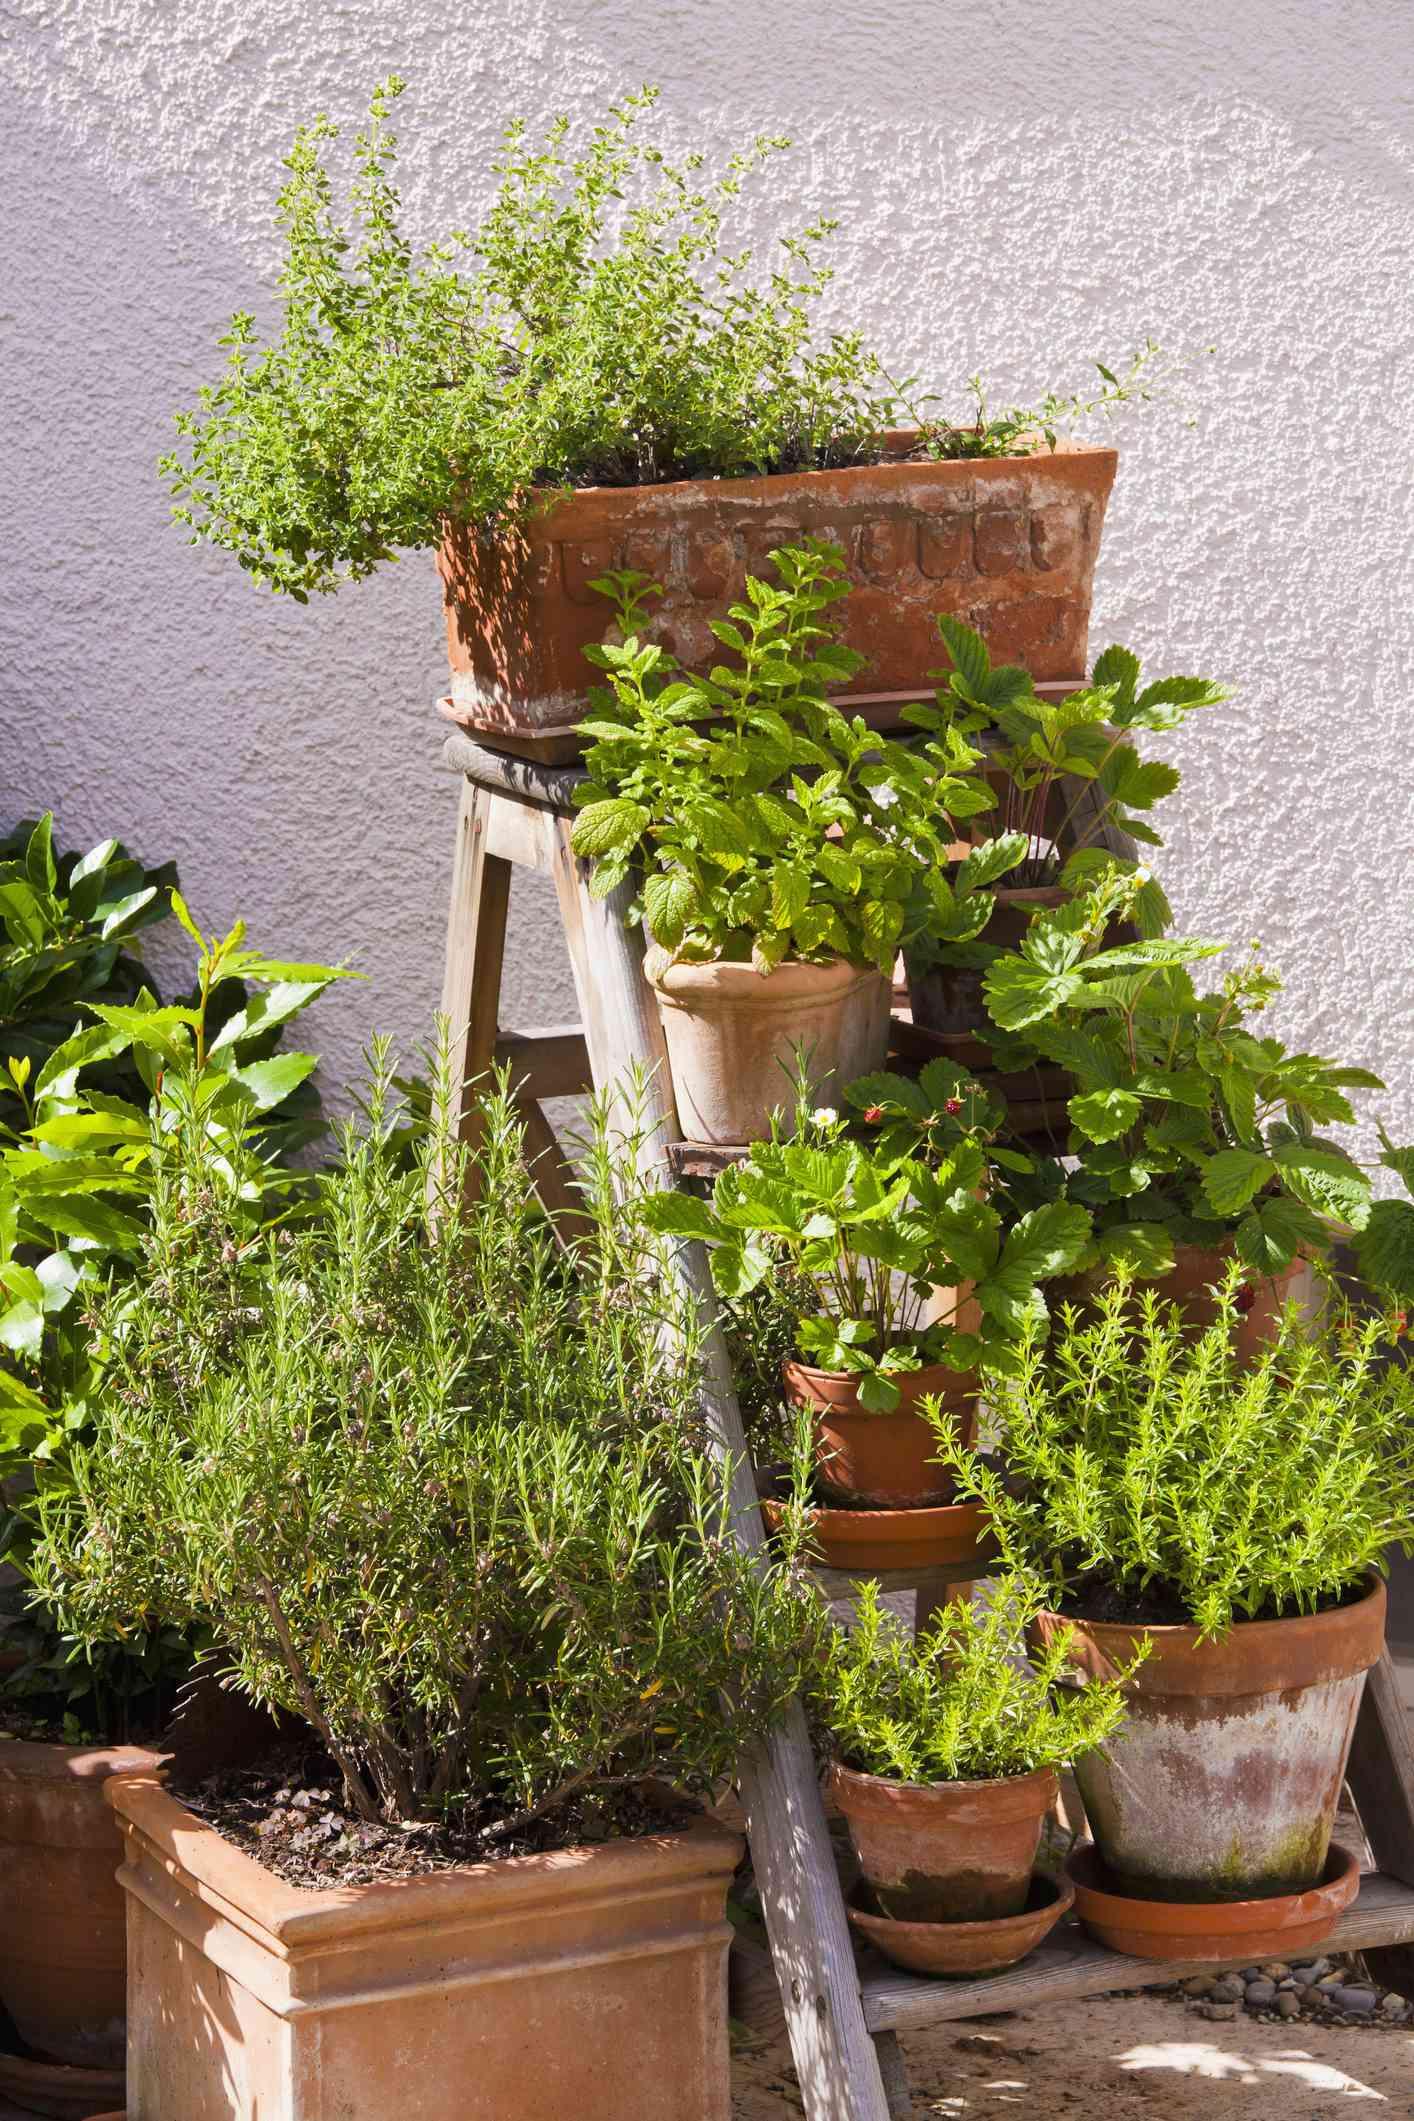 Herb garden on ladder.